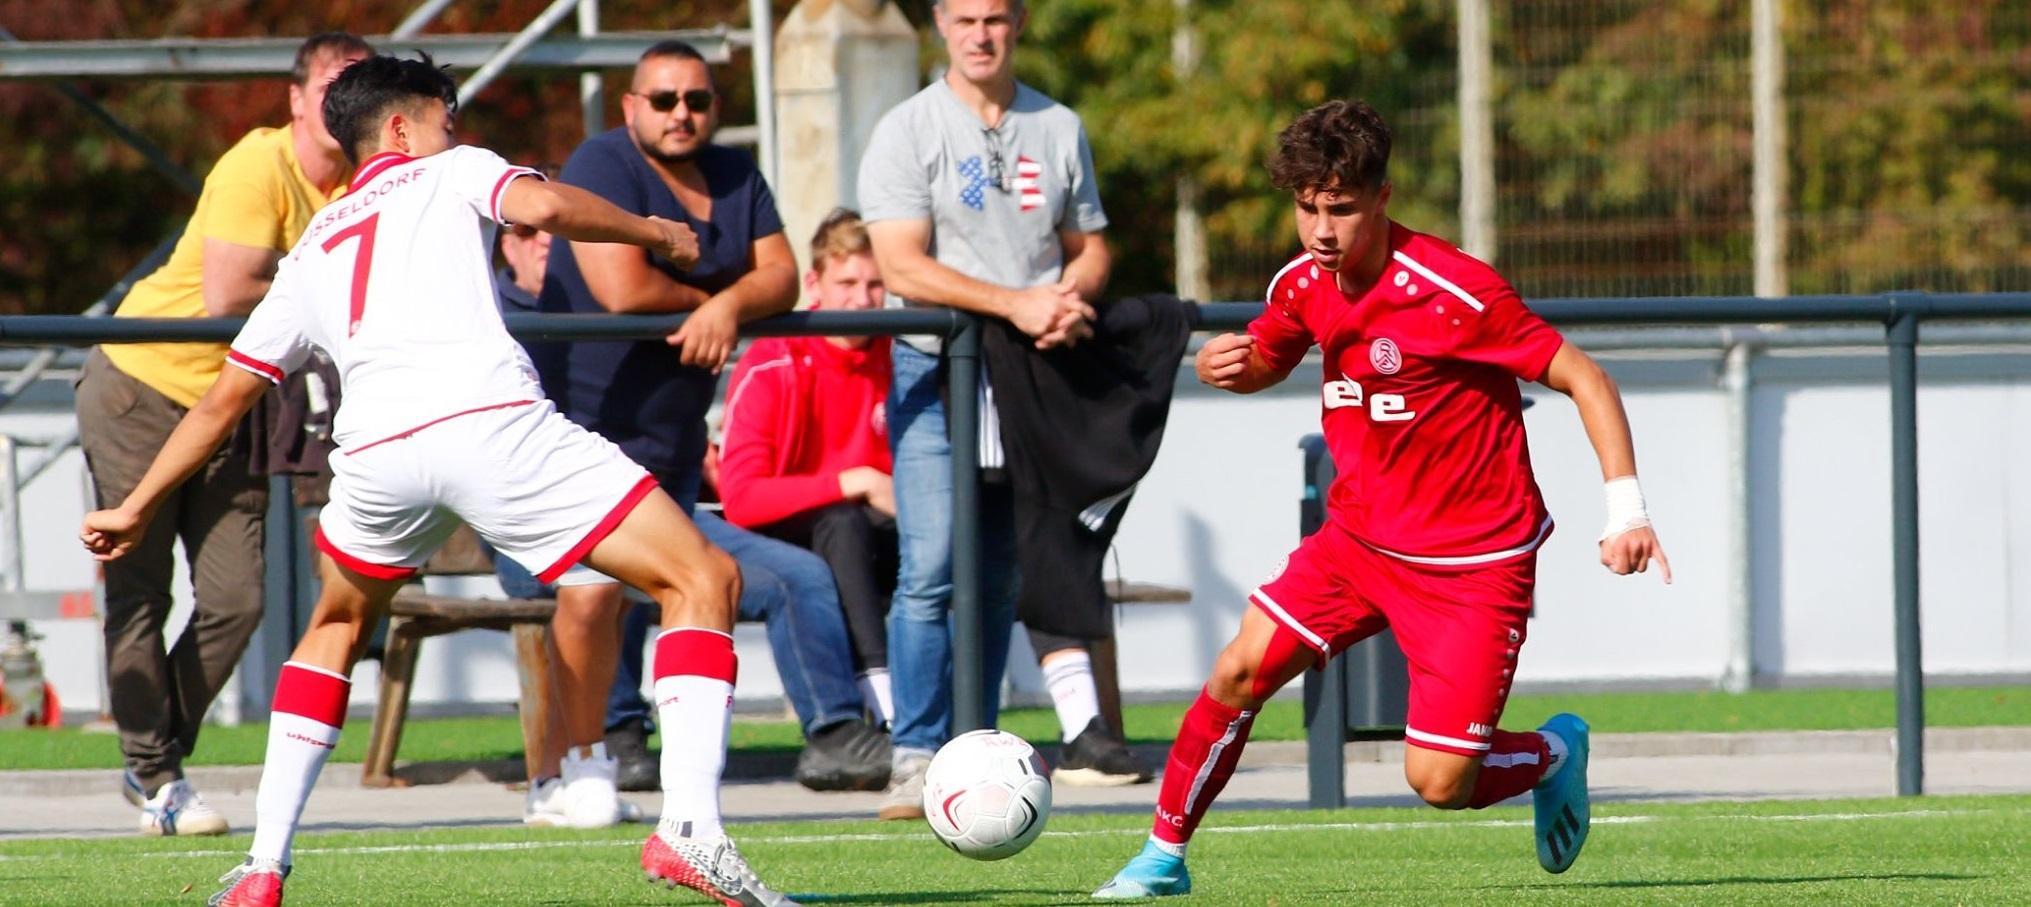 Die Rot-Weisse U17 trifft am Sonntag auf die U16 der SG Unterrath 12/24. (Foto: Breilmannswiese)